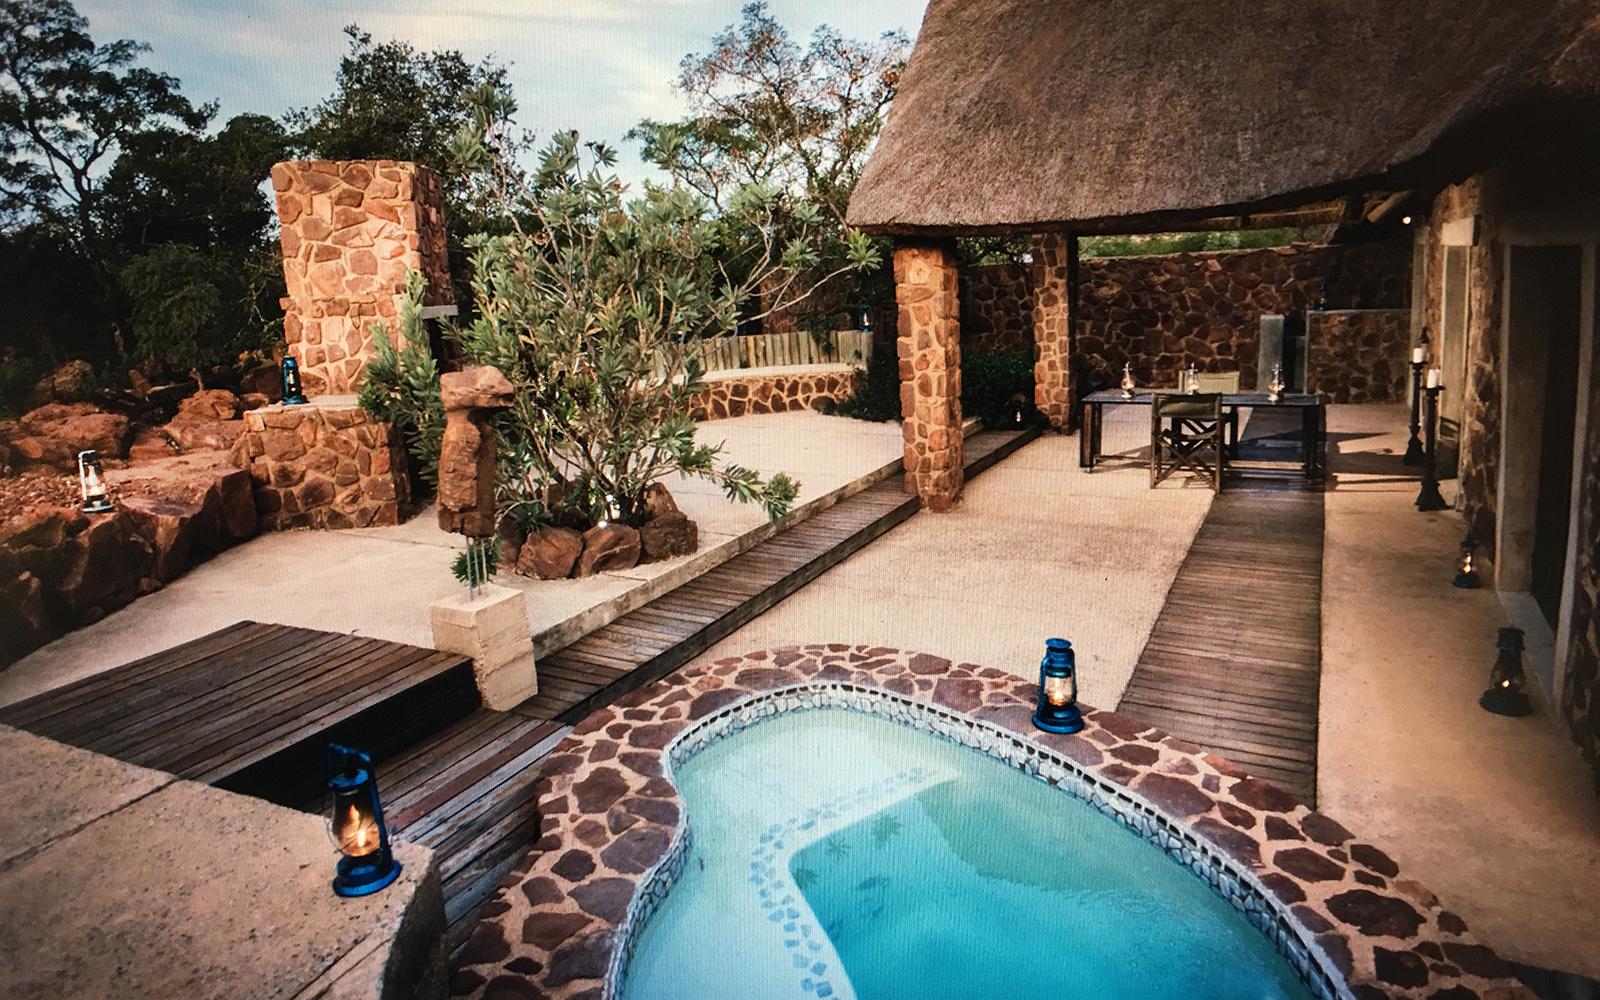 Te koop, Zuid afrika, Lodge, vastgoed, De Heeren van Goede Huizen